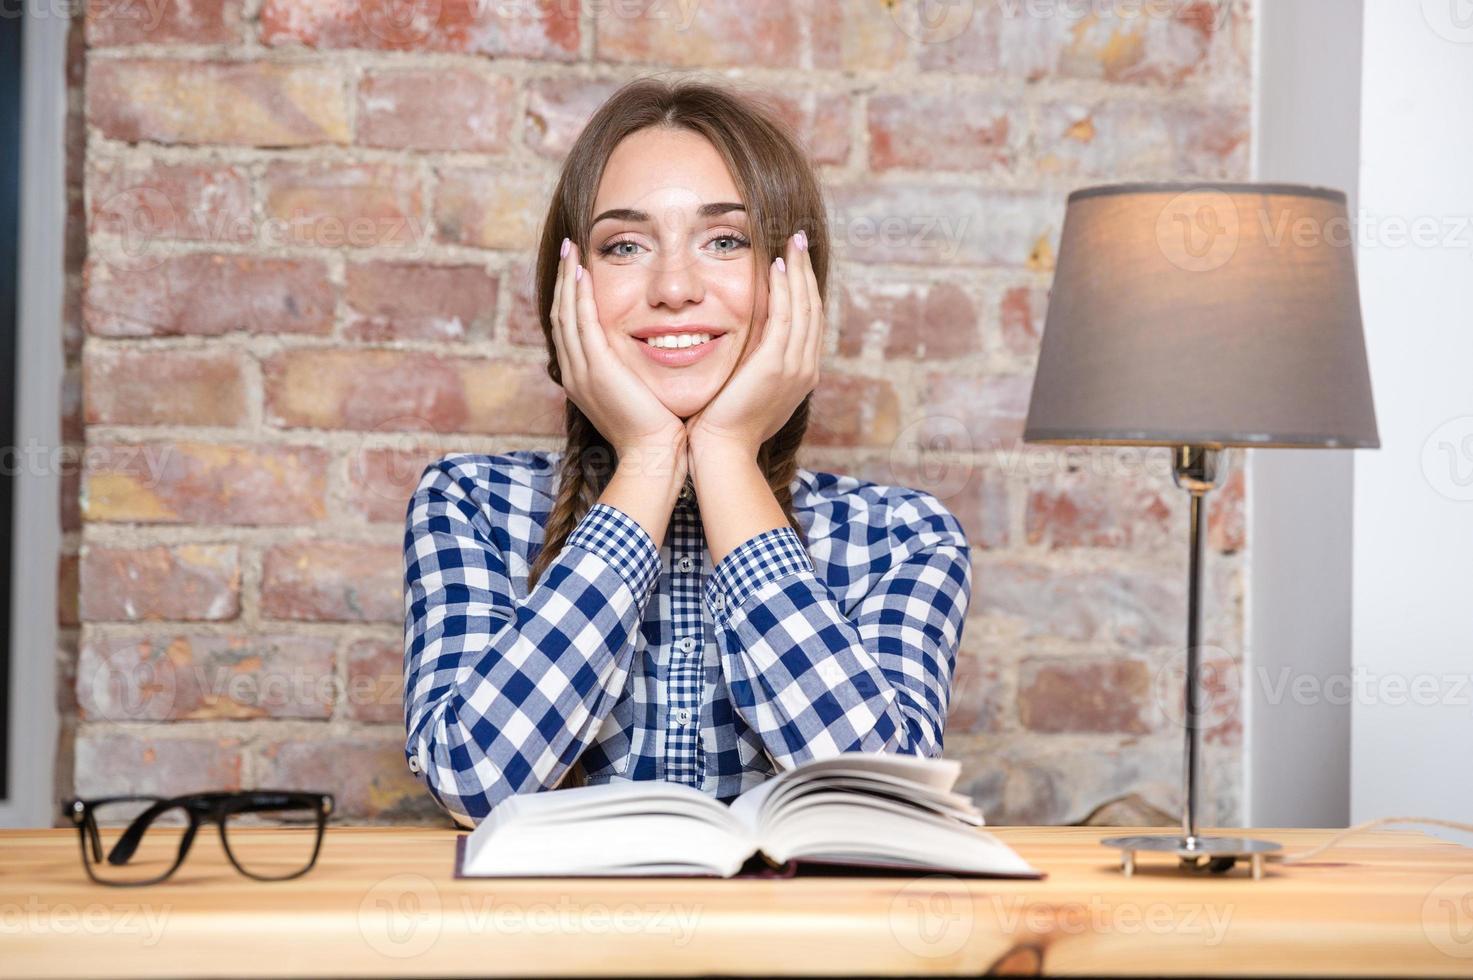 felice bella donna seduta al tavolo con il libro foto